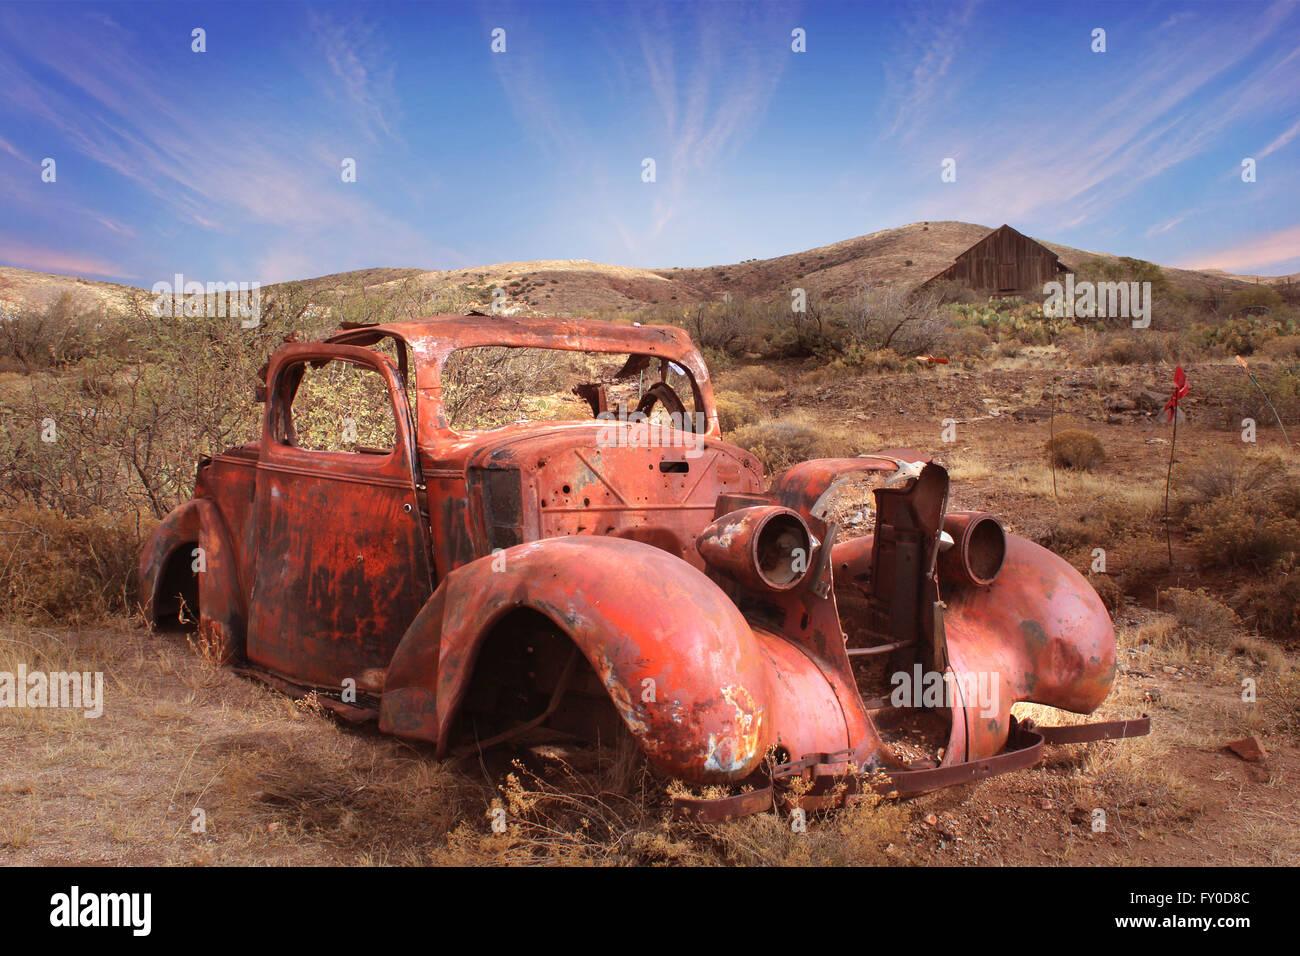 Vintage Cars Desert Stock Photos & Vintage Cars Desert Stock ...